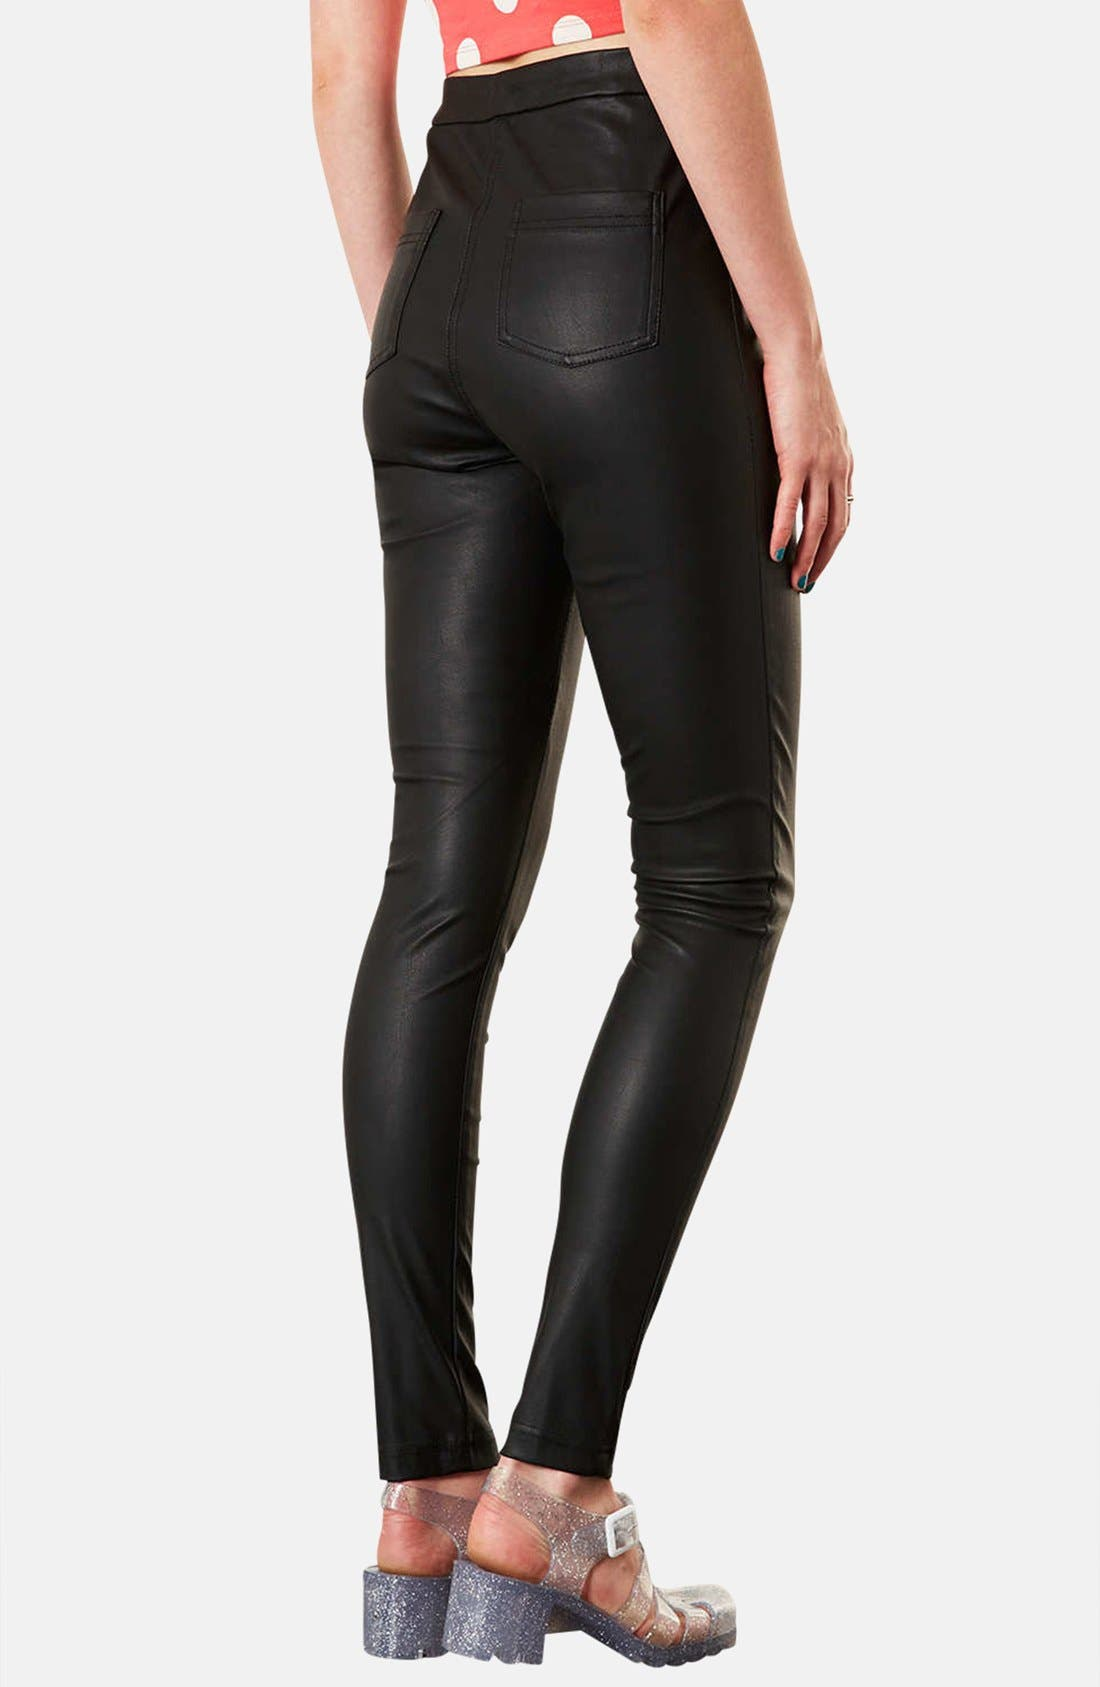 'Debbie' High Waist Faux Leather Pants,                             Alternate thumbnail 2, color,                             001